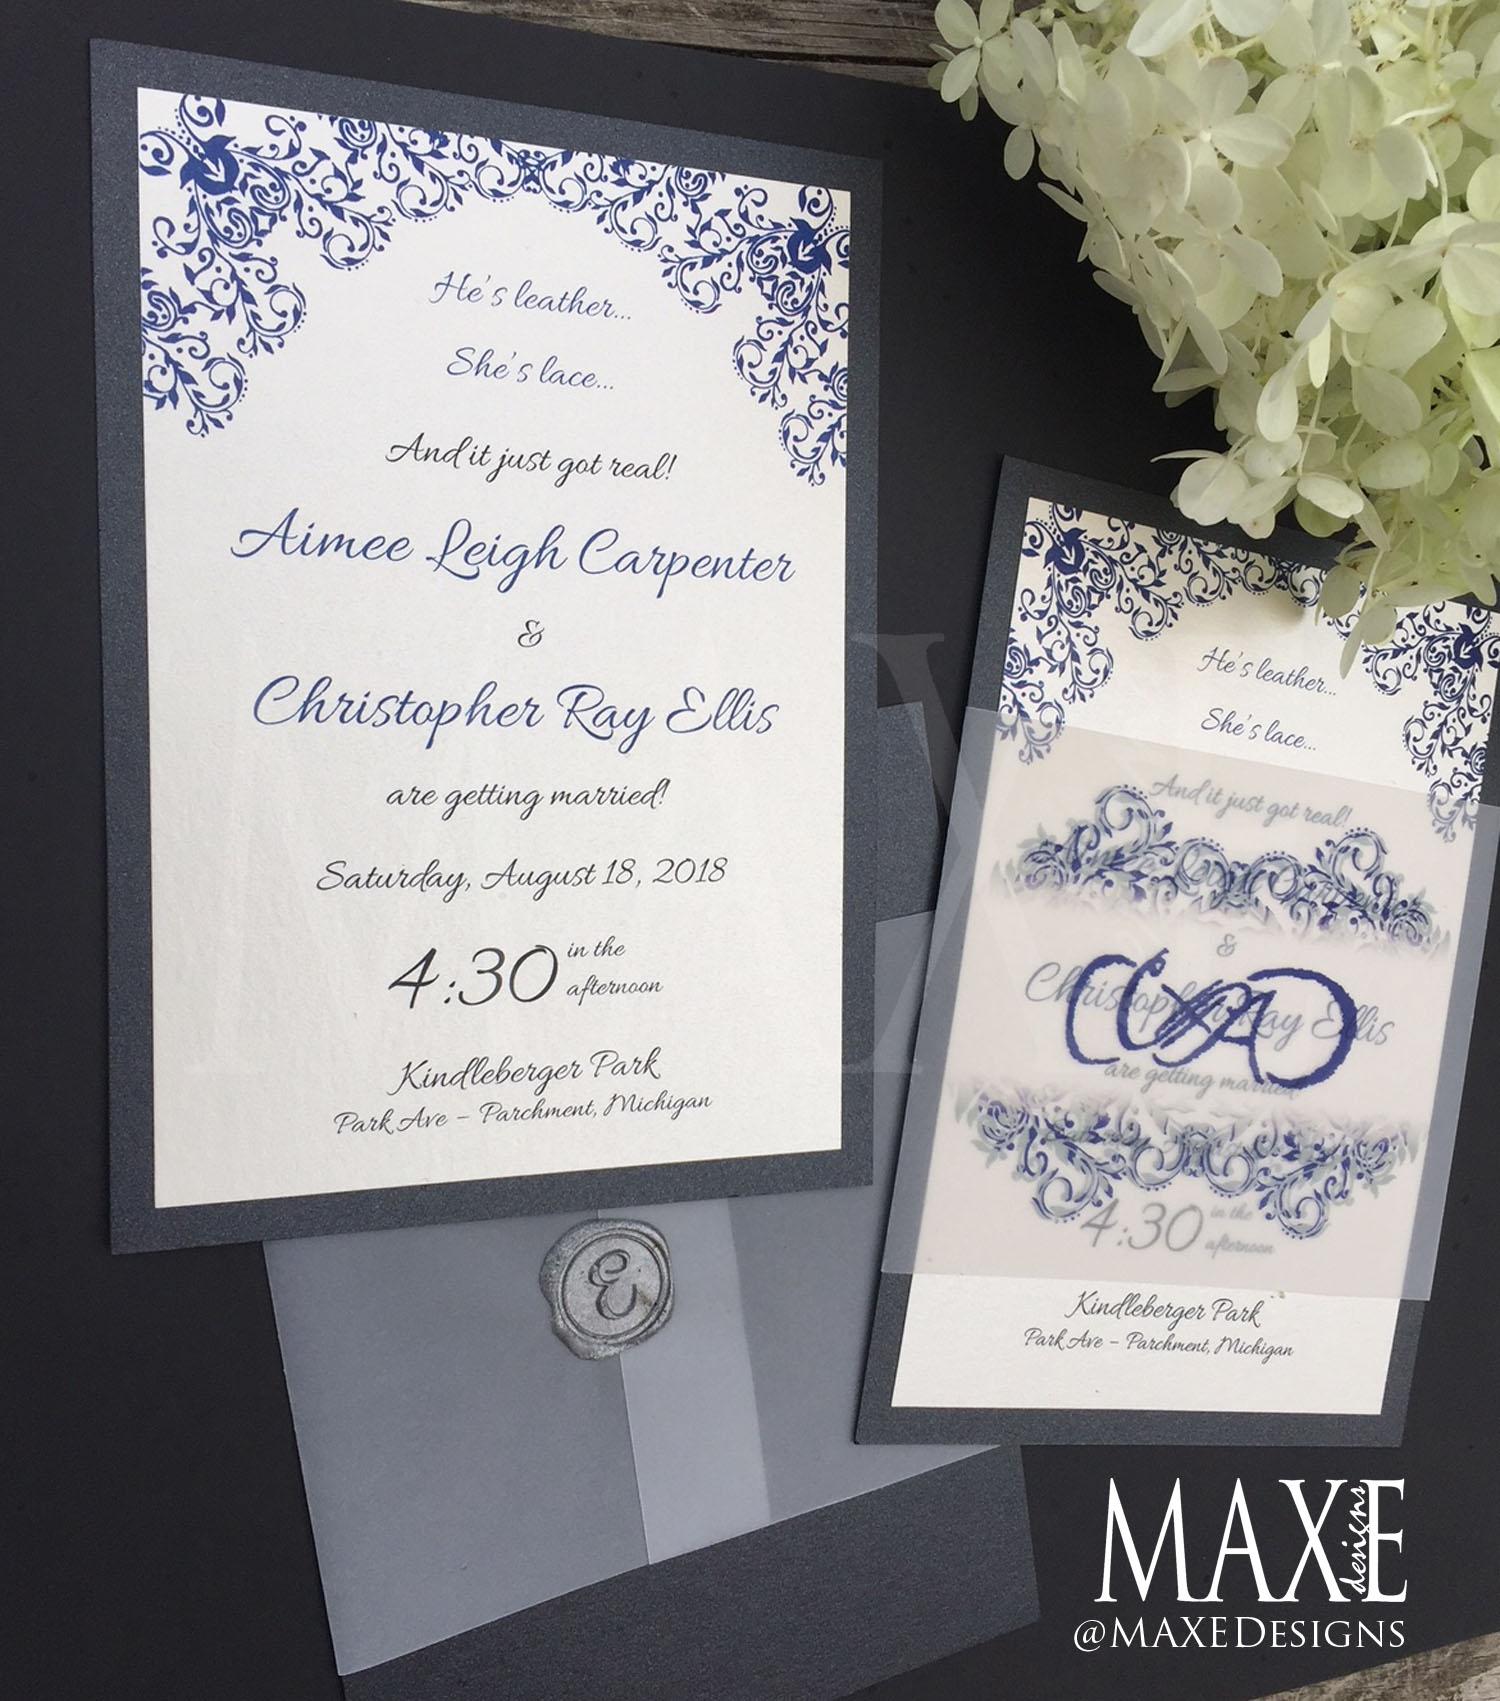 Aimee & Chris 2 MAXE Designs.jpg